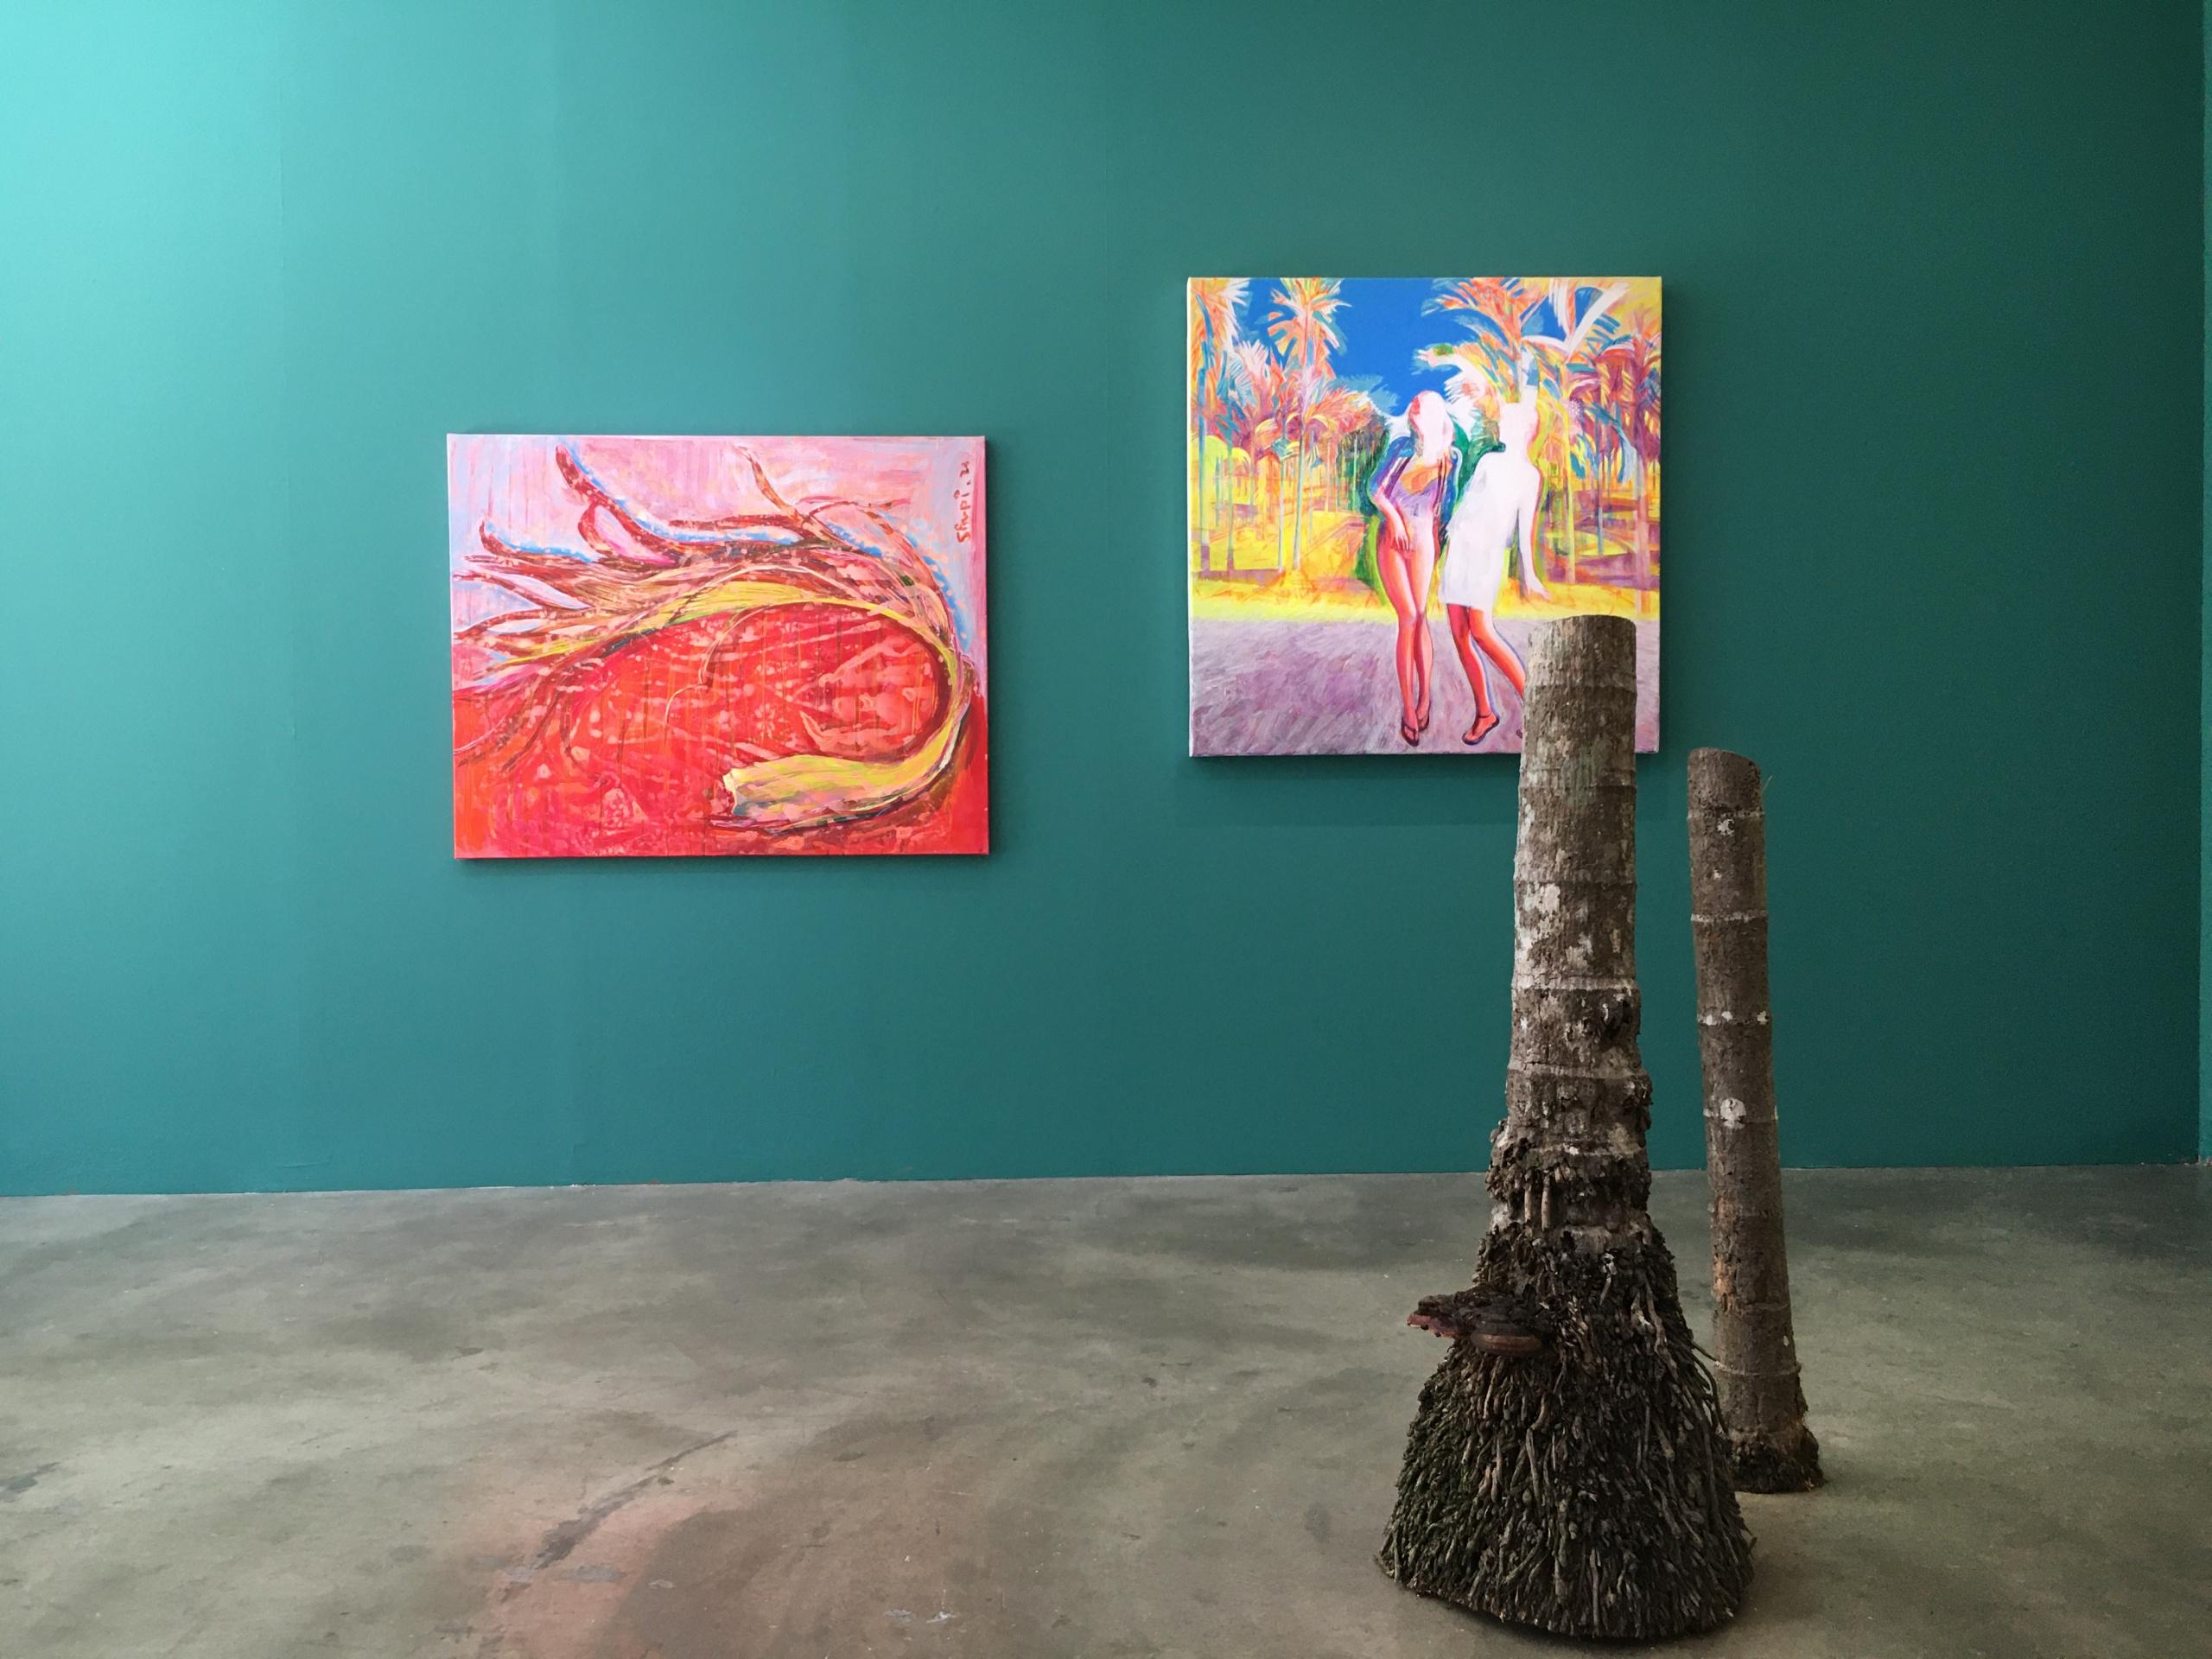 「熱帶天堂」展覽現場。圖中作品為《紅⾊圓曲》、《時尚靚妹的菁仔園》。攝影:陳馨恬